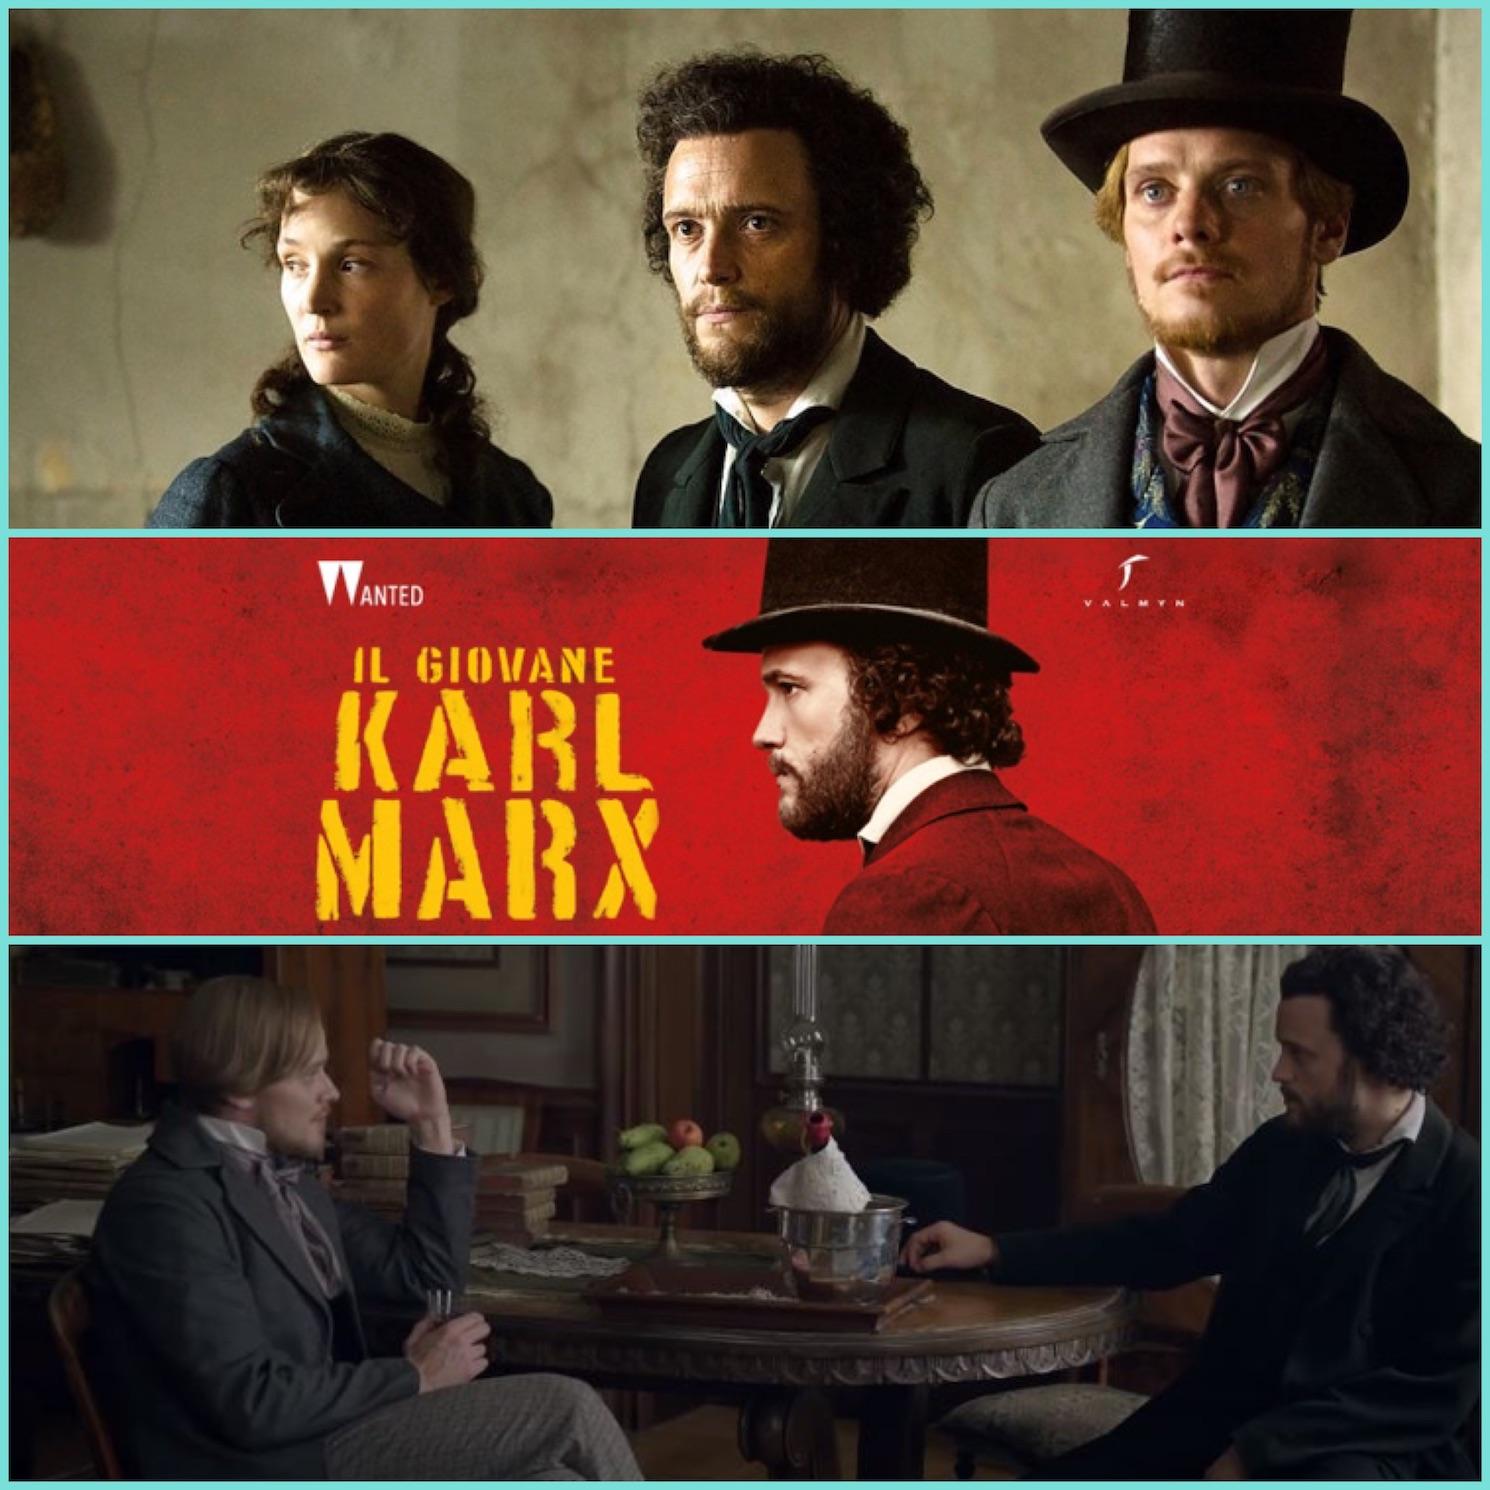 il-giovane-karl-marx-considerazioni-riflessioni-storia-capitalismo-filosofia-insta-thoughts-cinema-film